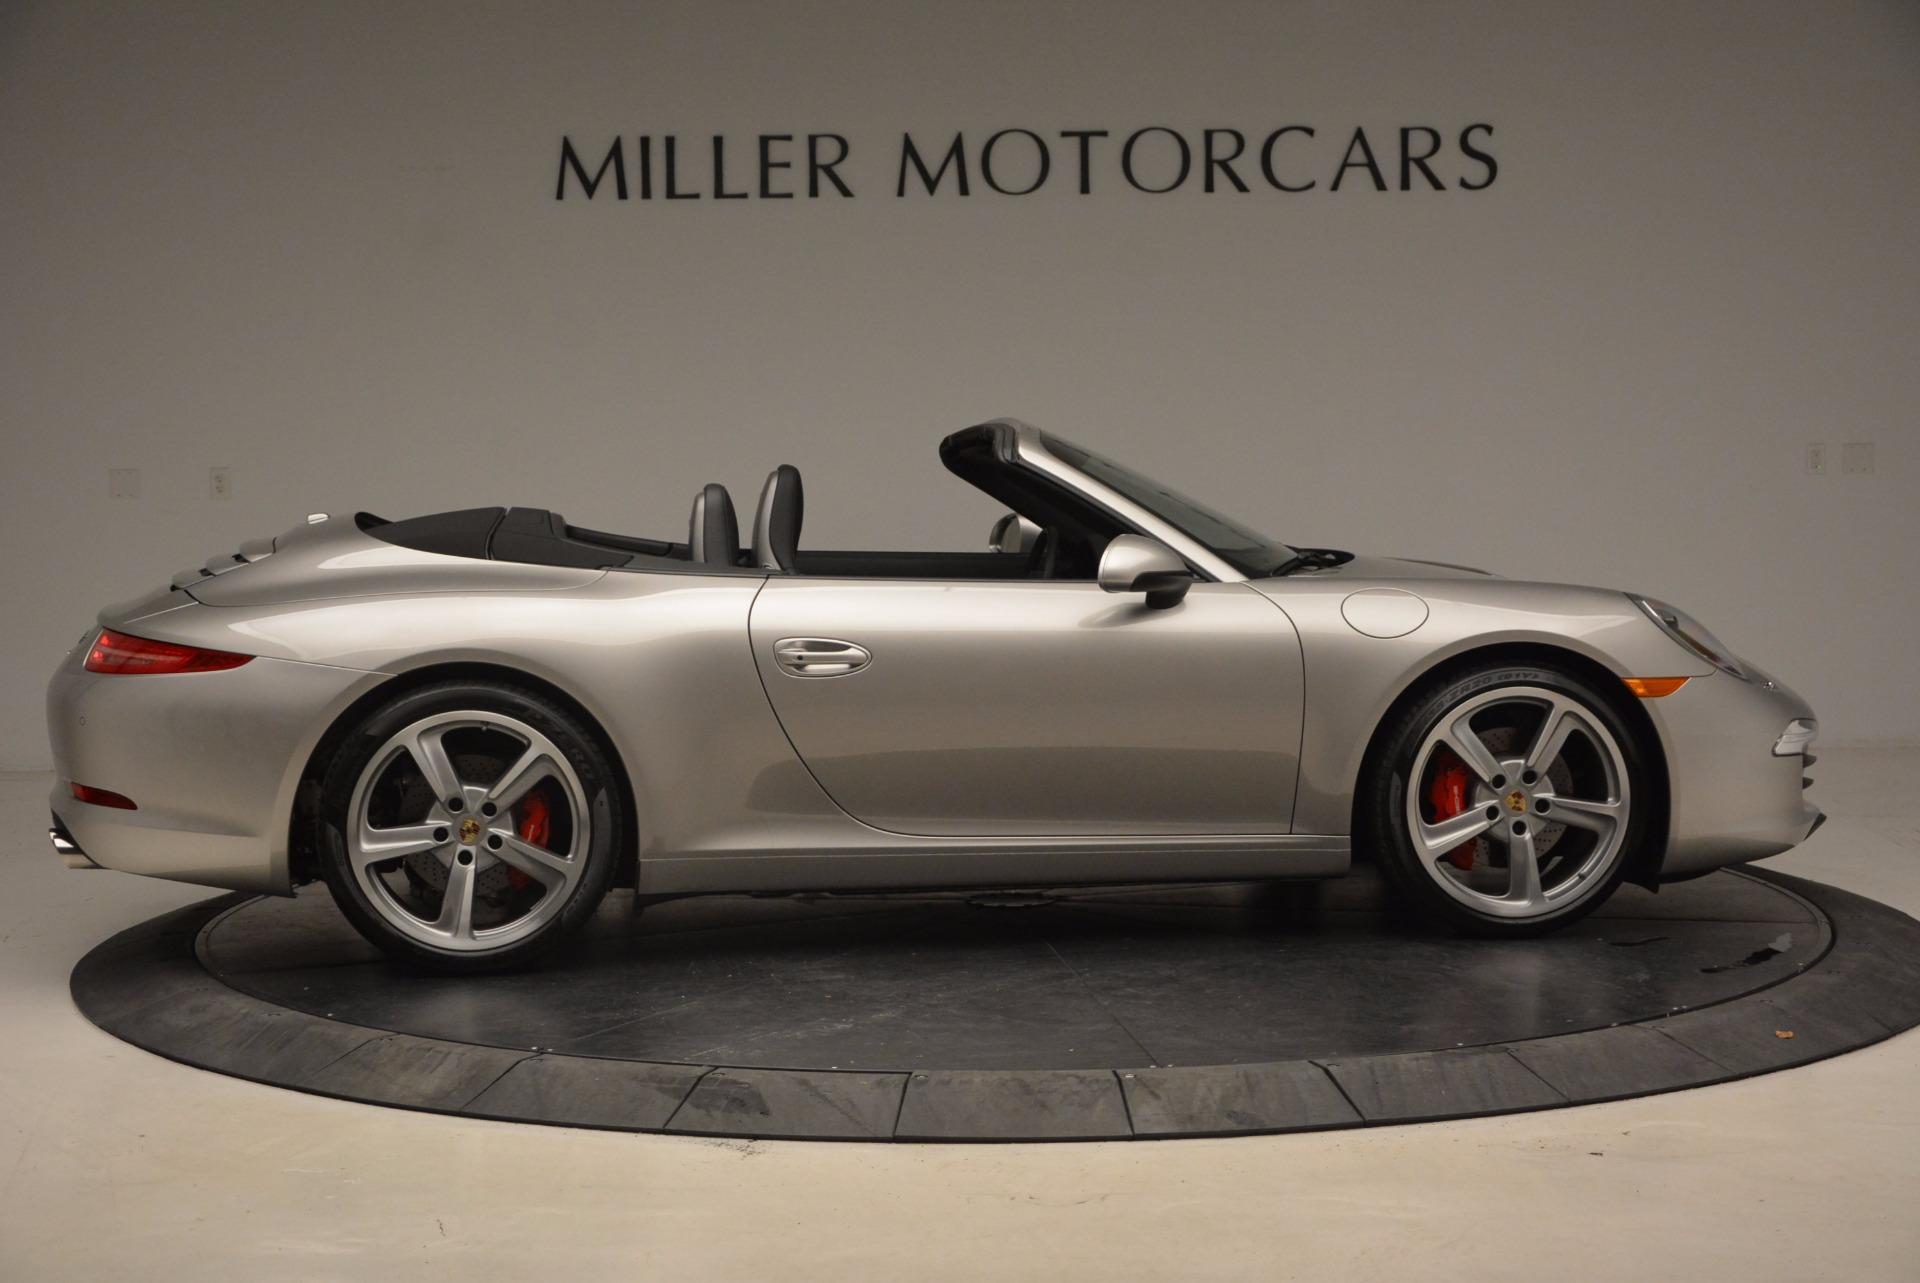 Used 2012 Porsche 911 Carrera S For Sale In Greenwich, CT 1790_p11